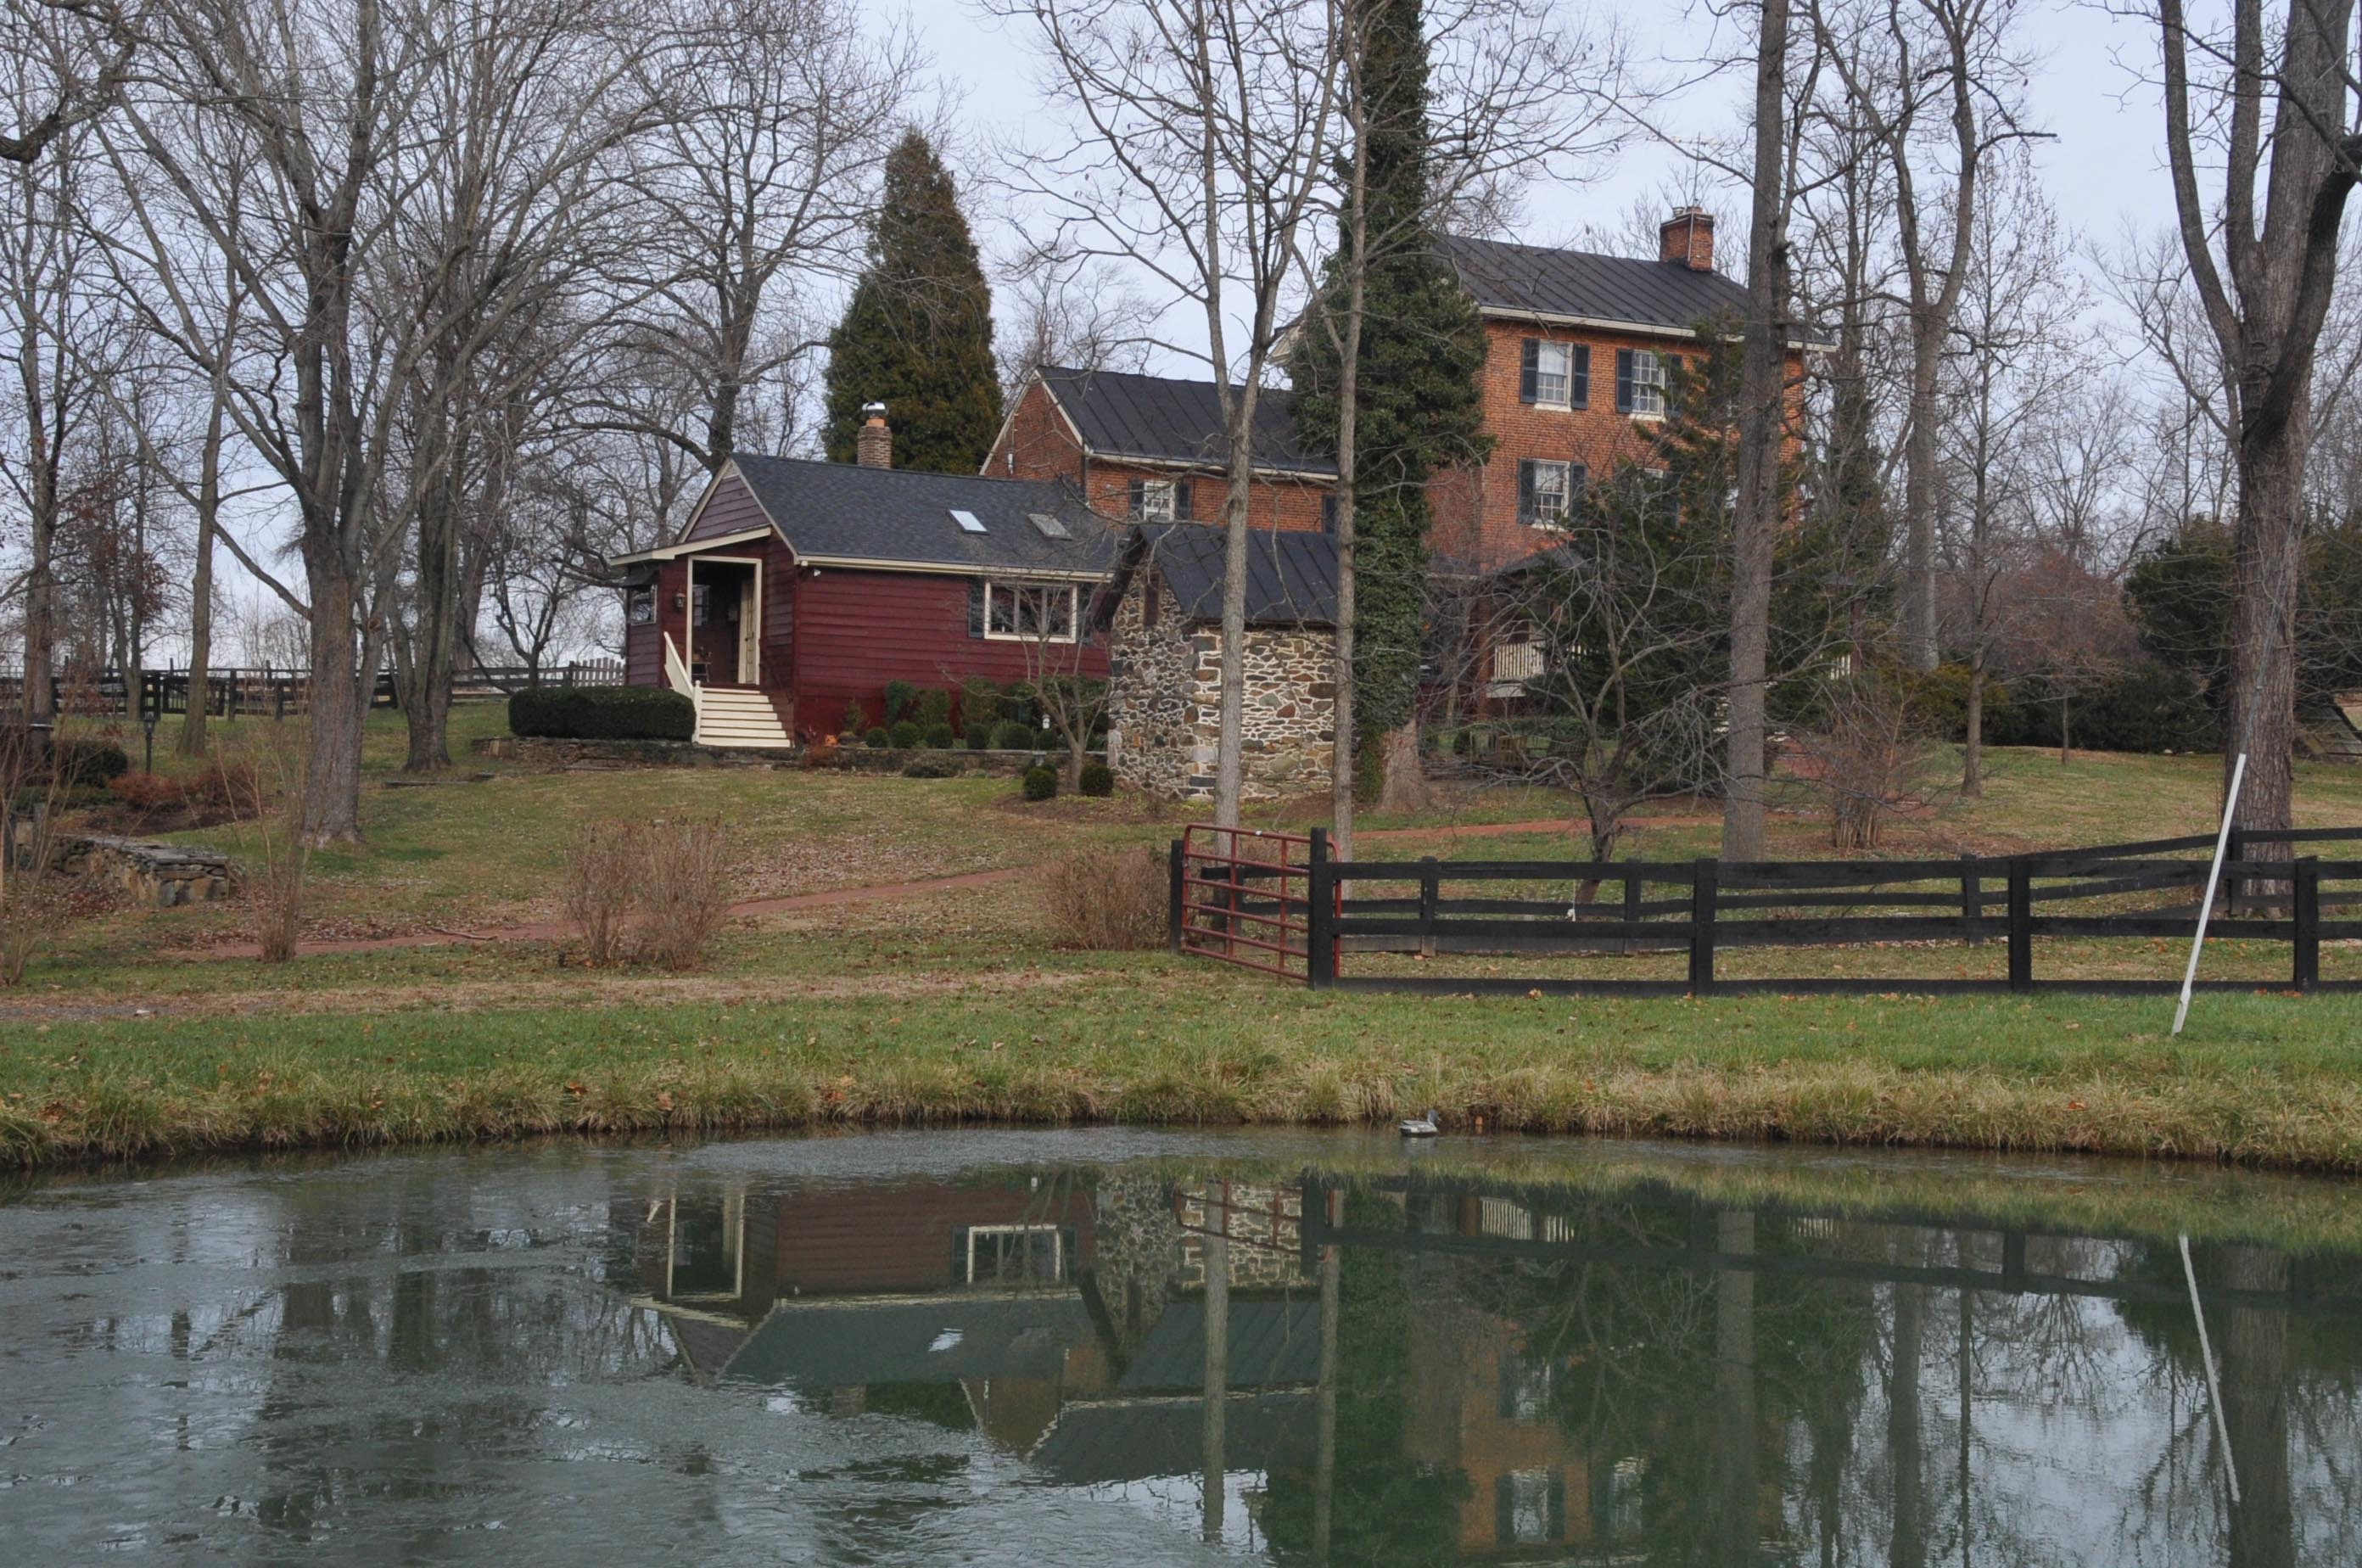 Loudoun County Va Property Tax Collector